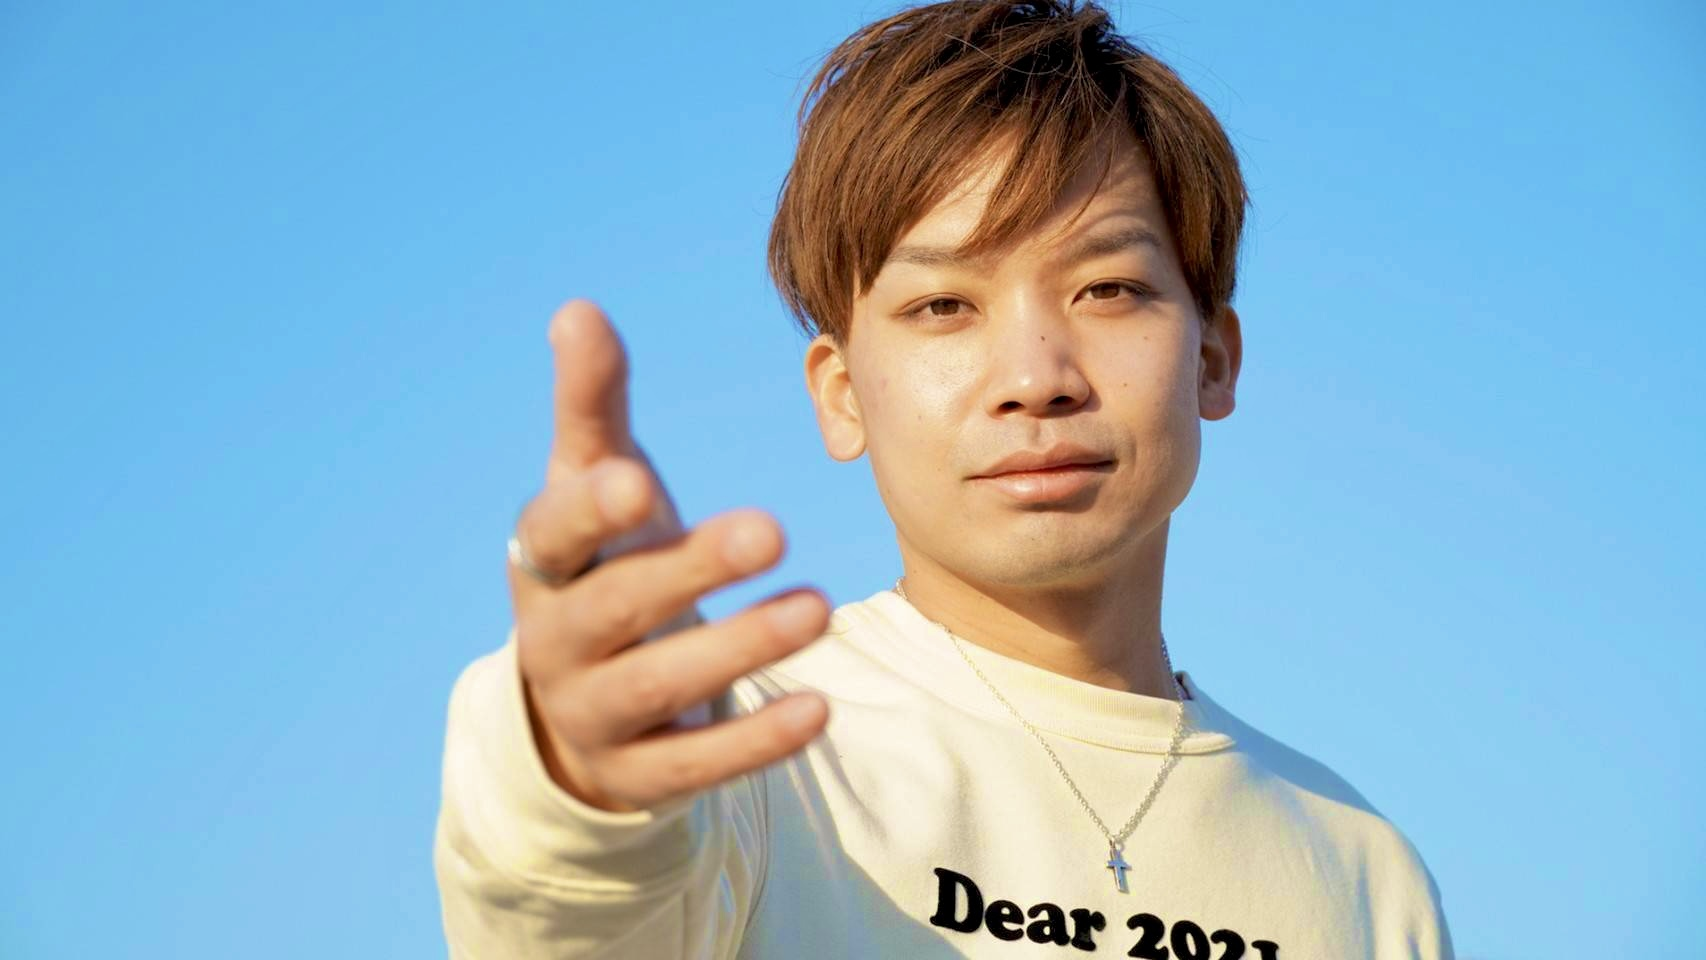 【Tatsuya】ソロ初めてのMVを作りたい!MV制作応援プロジェクト!